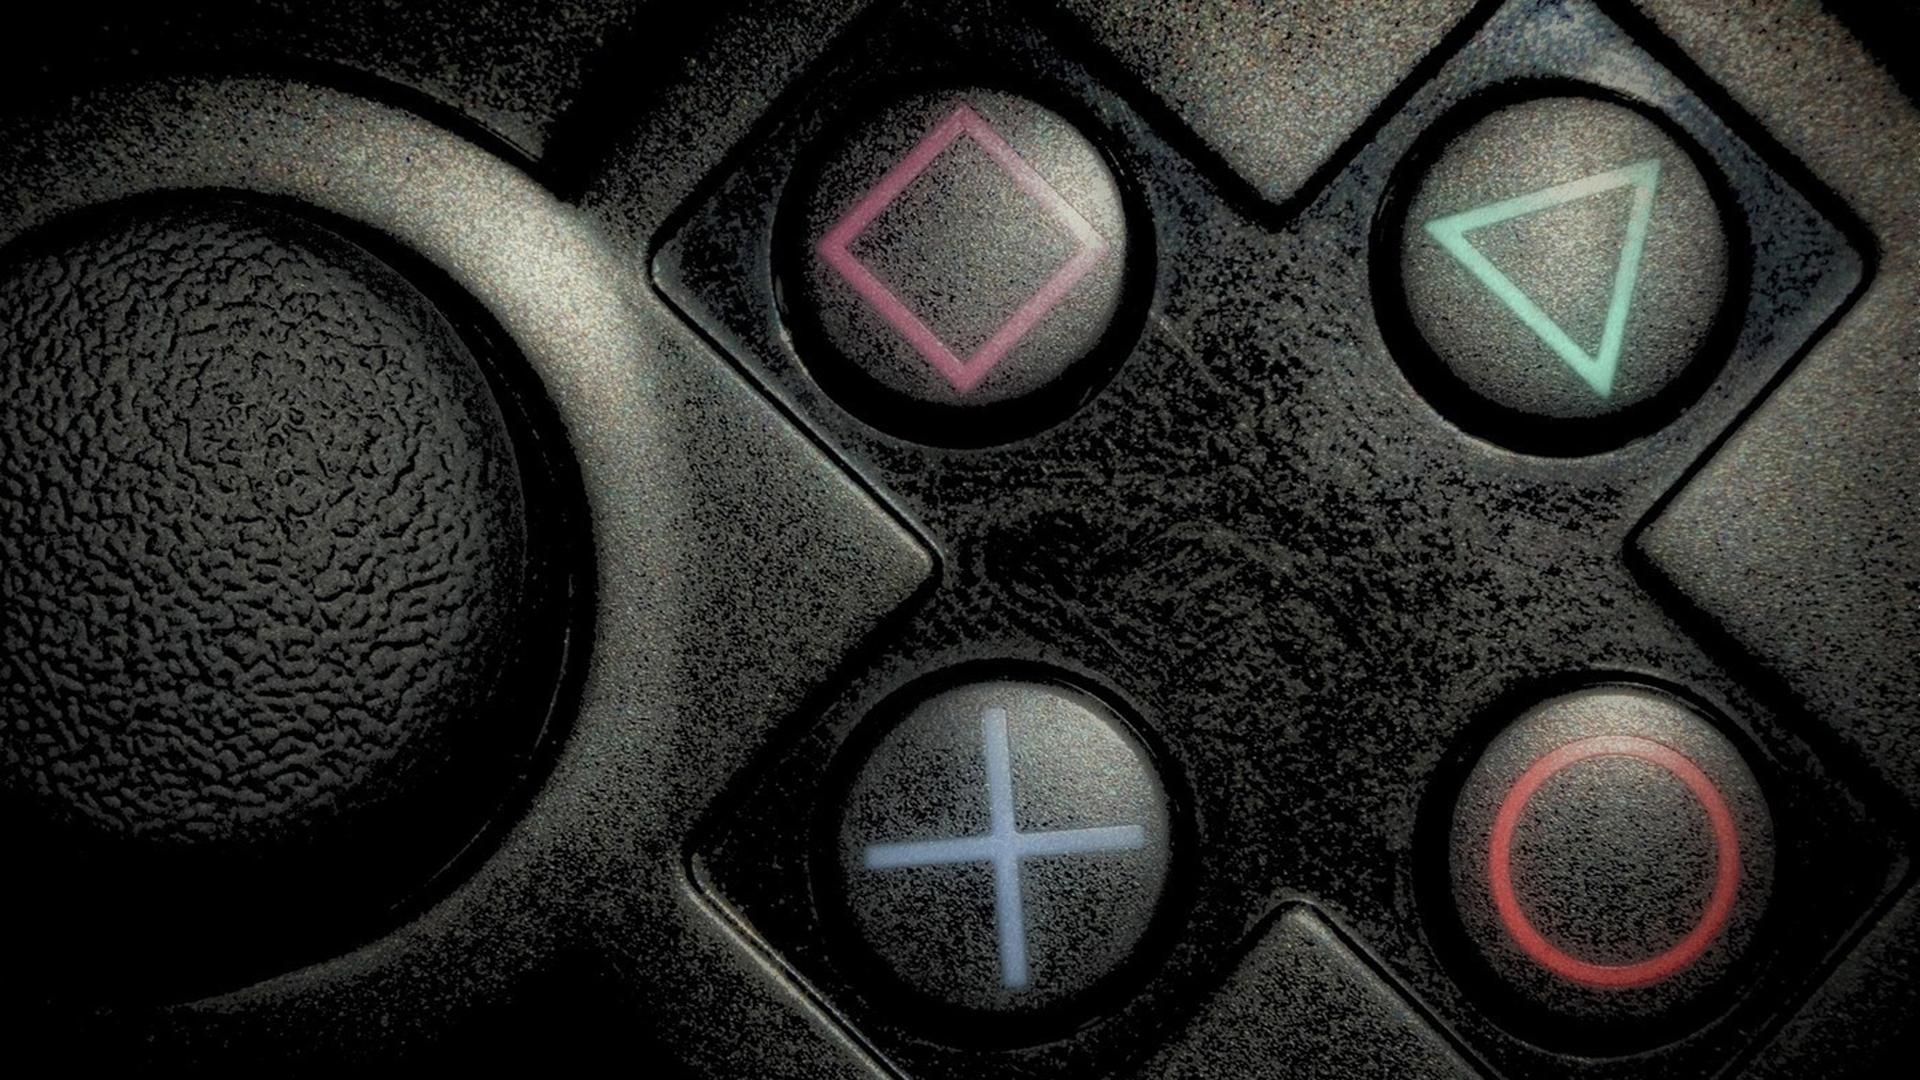 http://4.bp.blogspot.com/-rLiXk3FtmB4/UIK2pZ31syI/AAAAAAAAMhw/aUAdMOLKbKM/s0/playstation-buttons-1920x1080-wallpaper.jpg